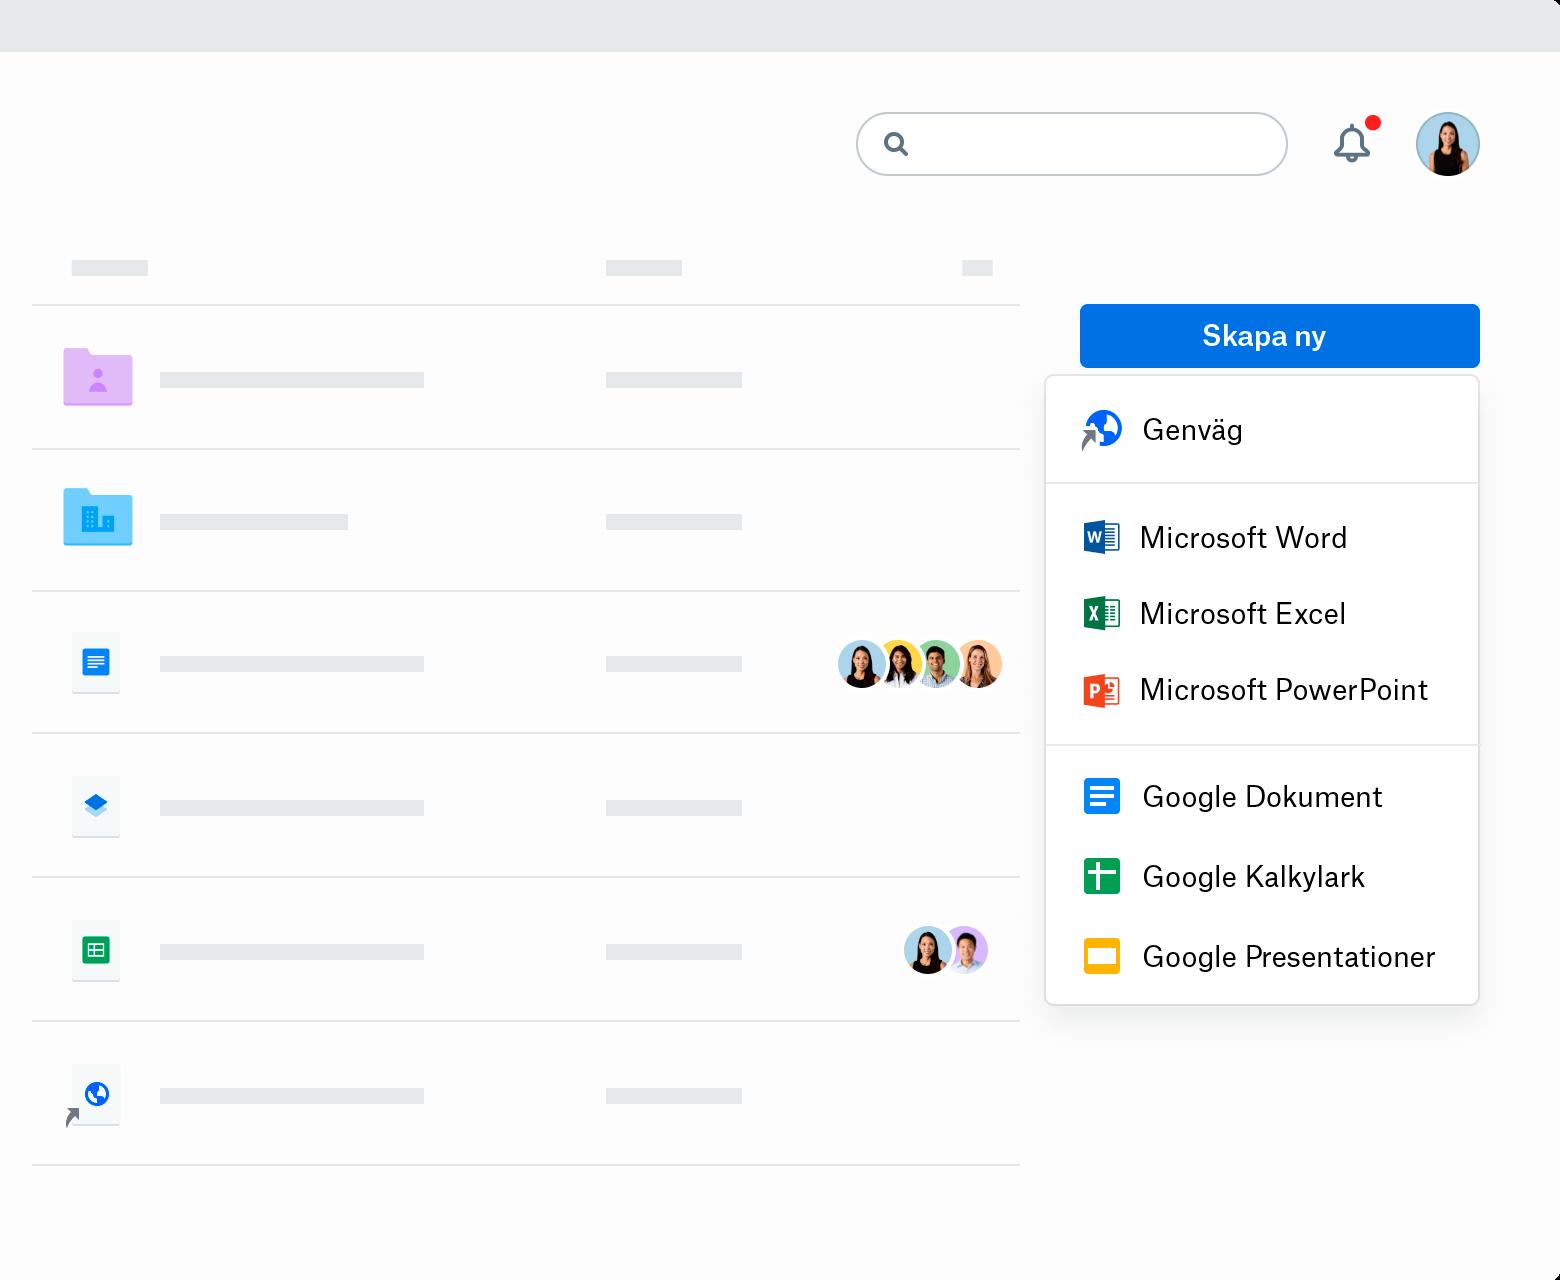 """En skärmbild av """"Skapa nytt""""-rullgardinsmenyn på dropbox.com. Menyn listar Genväg, Microsoft Word, Microsoft Excel, Microsoft PowerPoint, Google Docs, Google Sheets och Google Slides."""